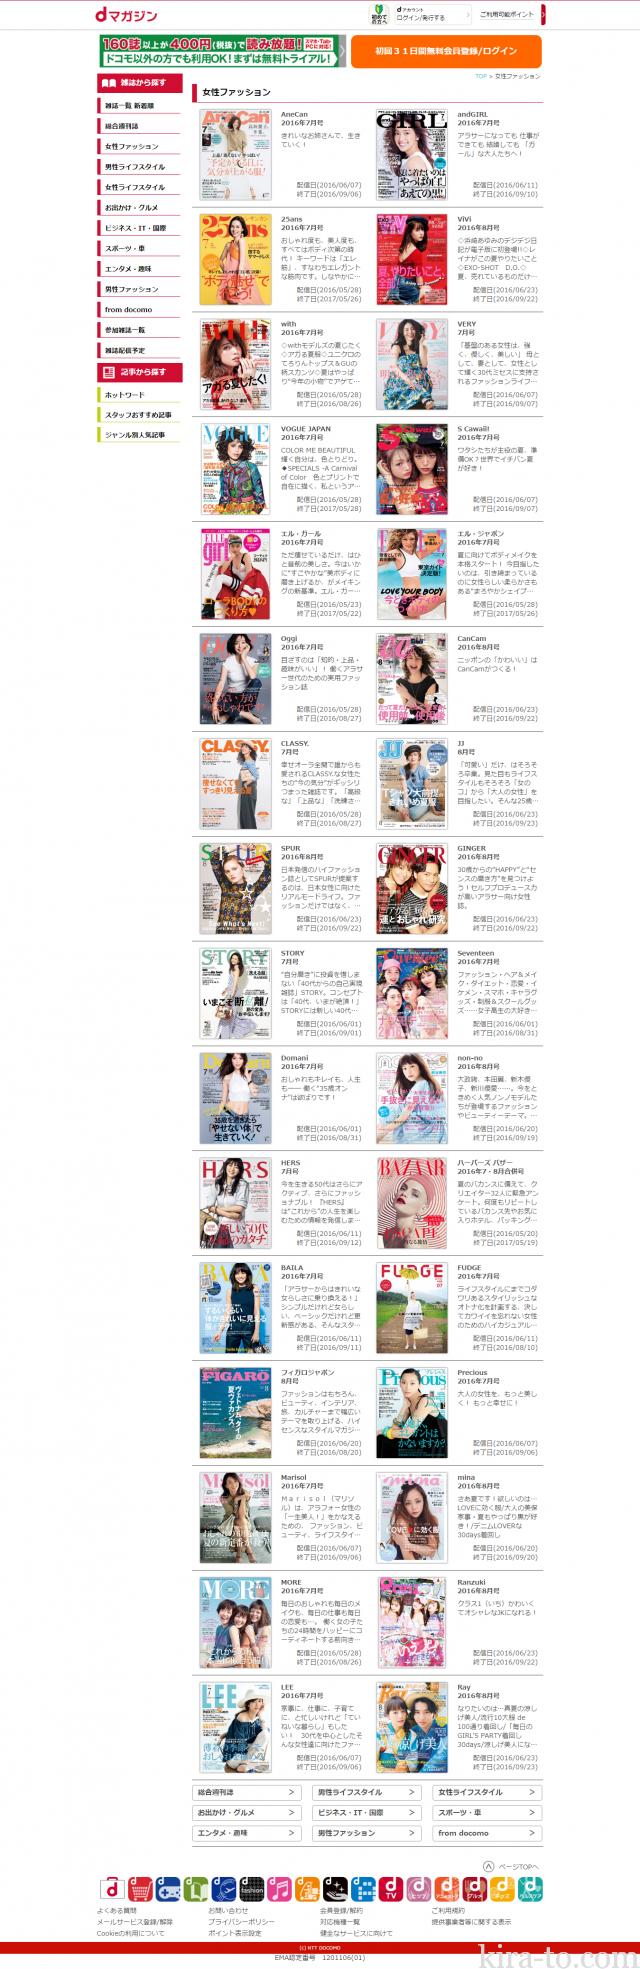 女性ファッション 雑誌一覧 dマガジン